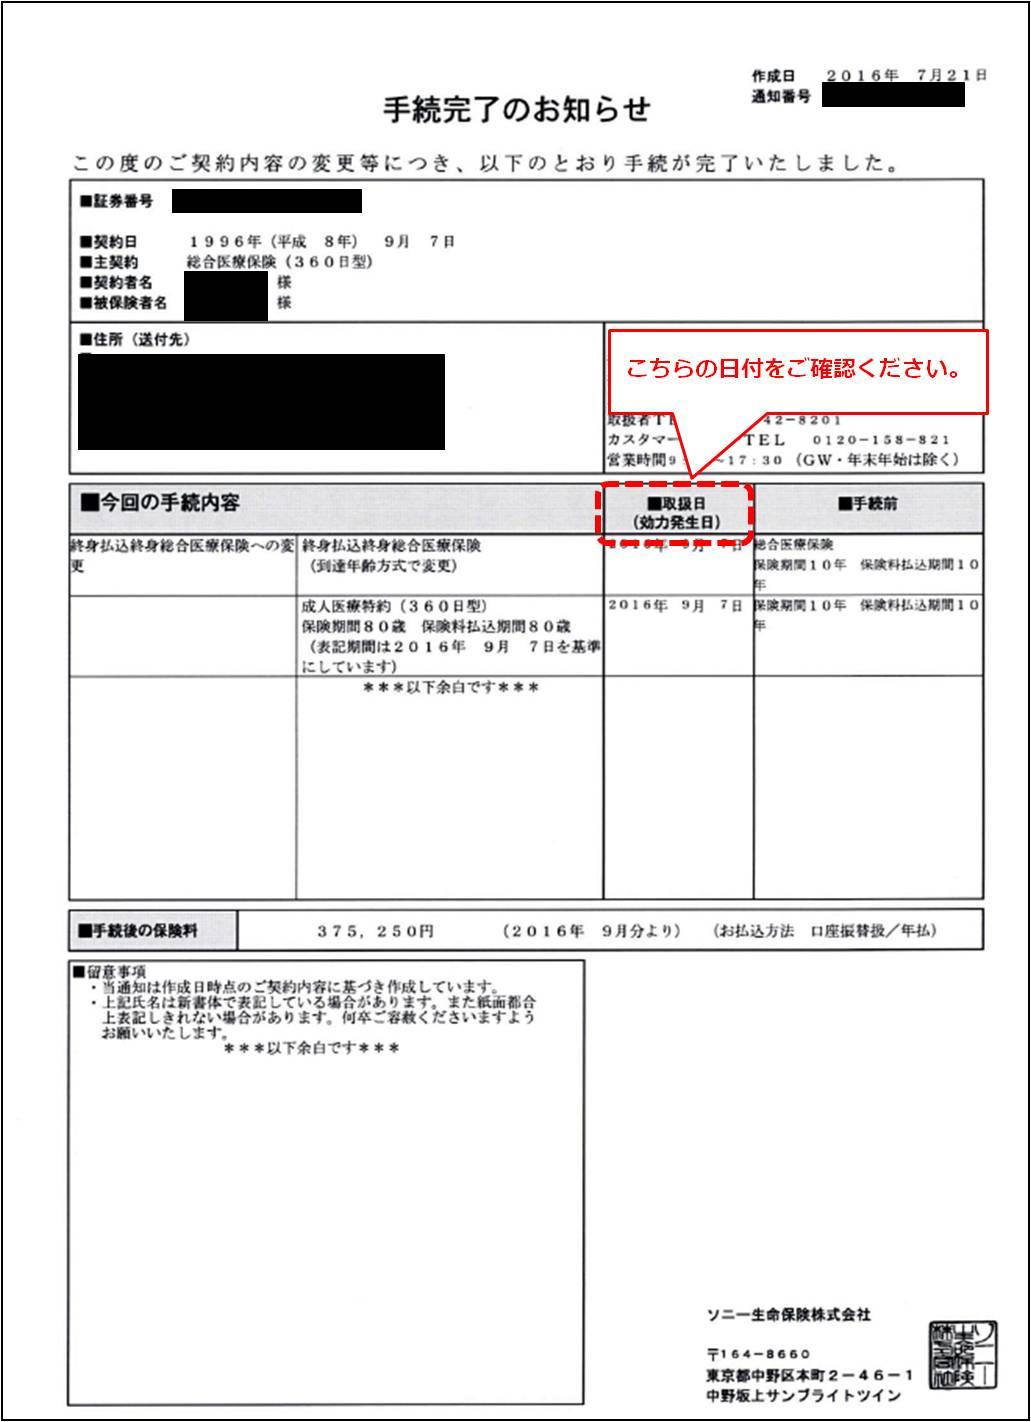 額 ソニー 生命 保険 変